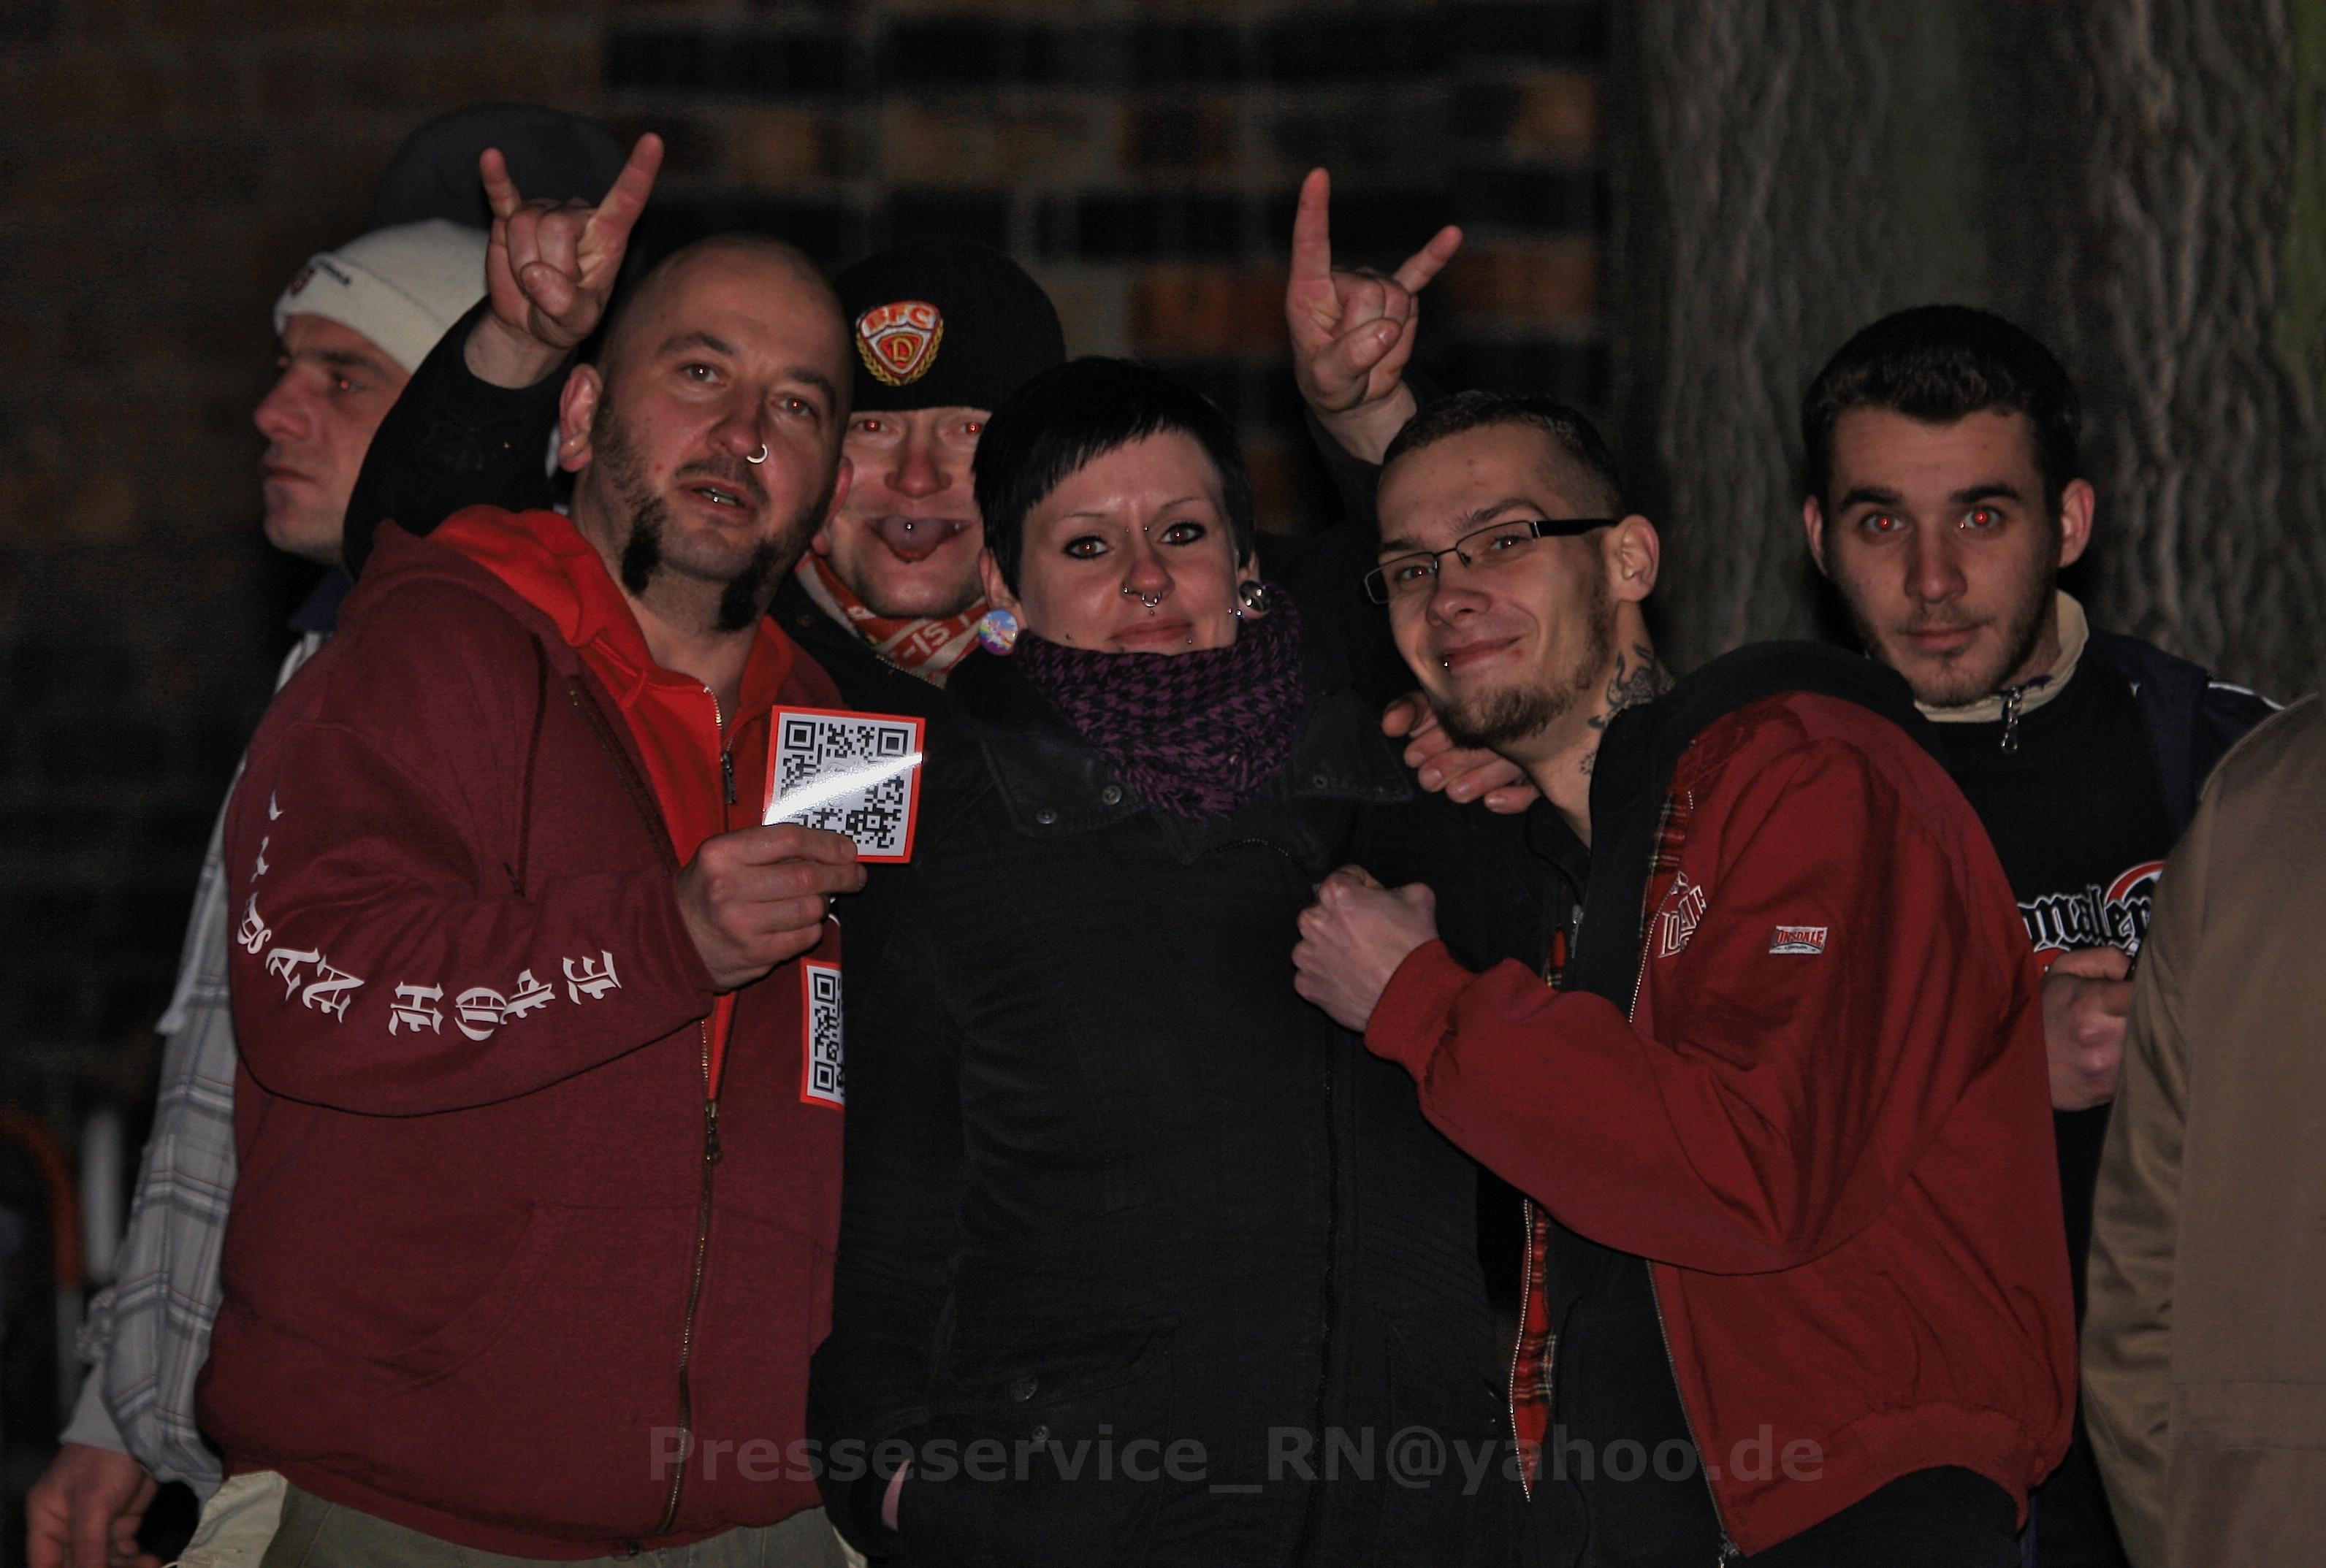 Sascha L. und weitere Neonazis aus Brandenburg an der Havel |Quelle: Presseservice Rathenow